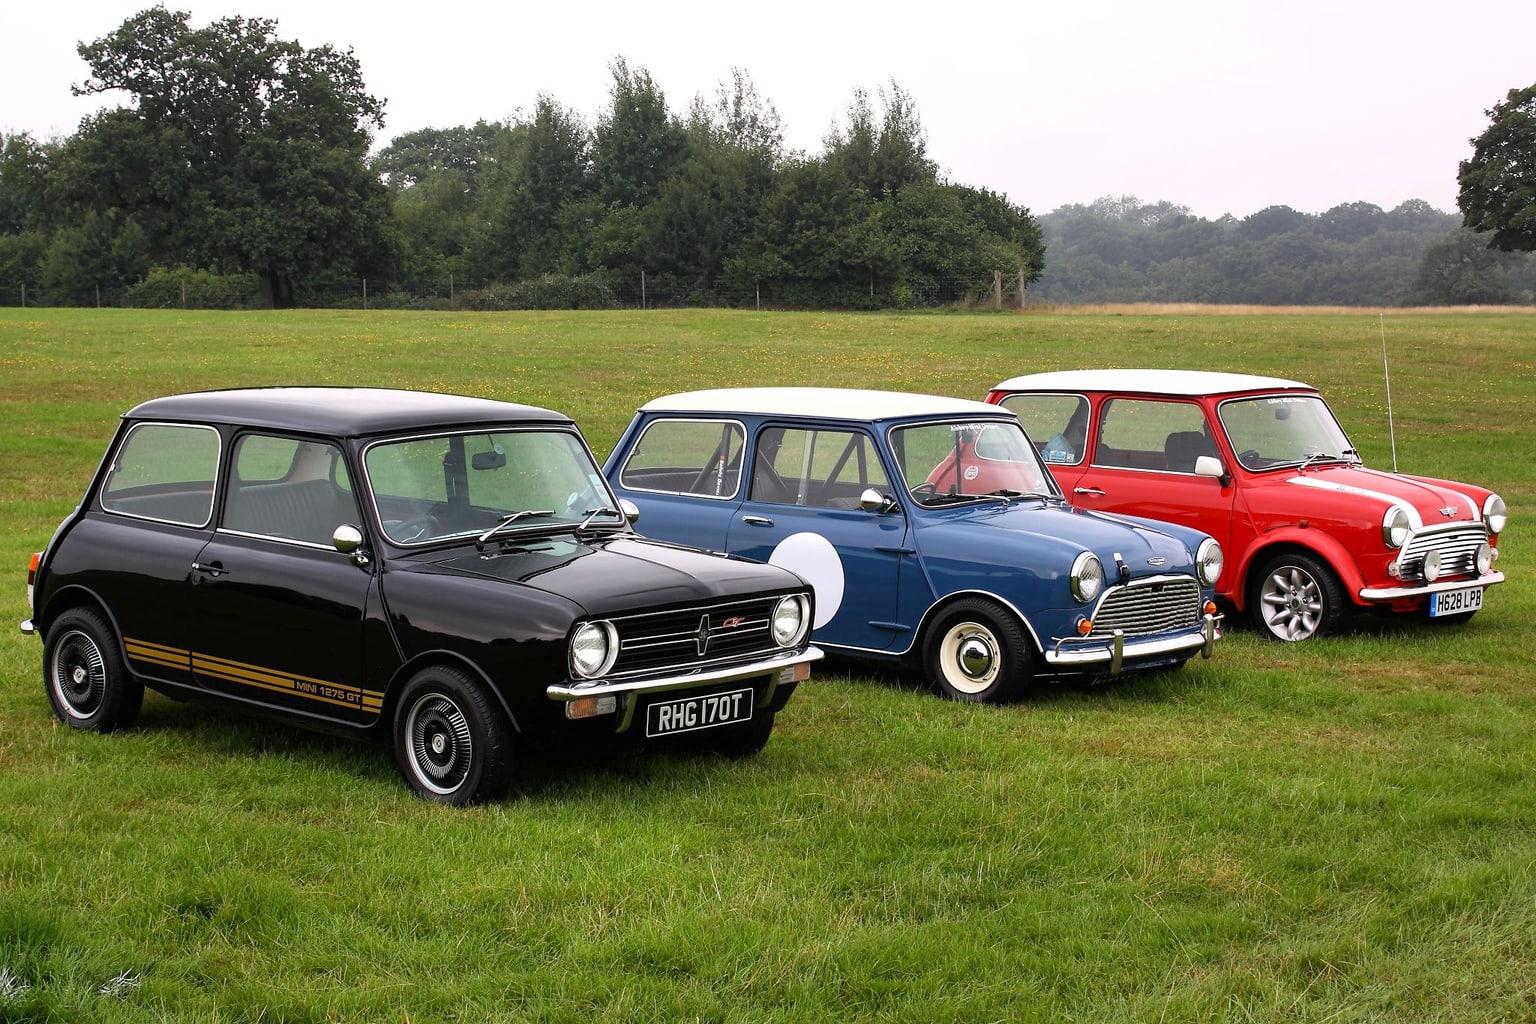 coches en un prado